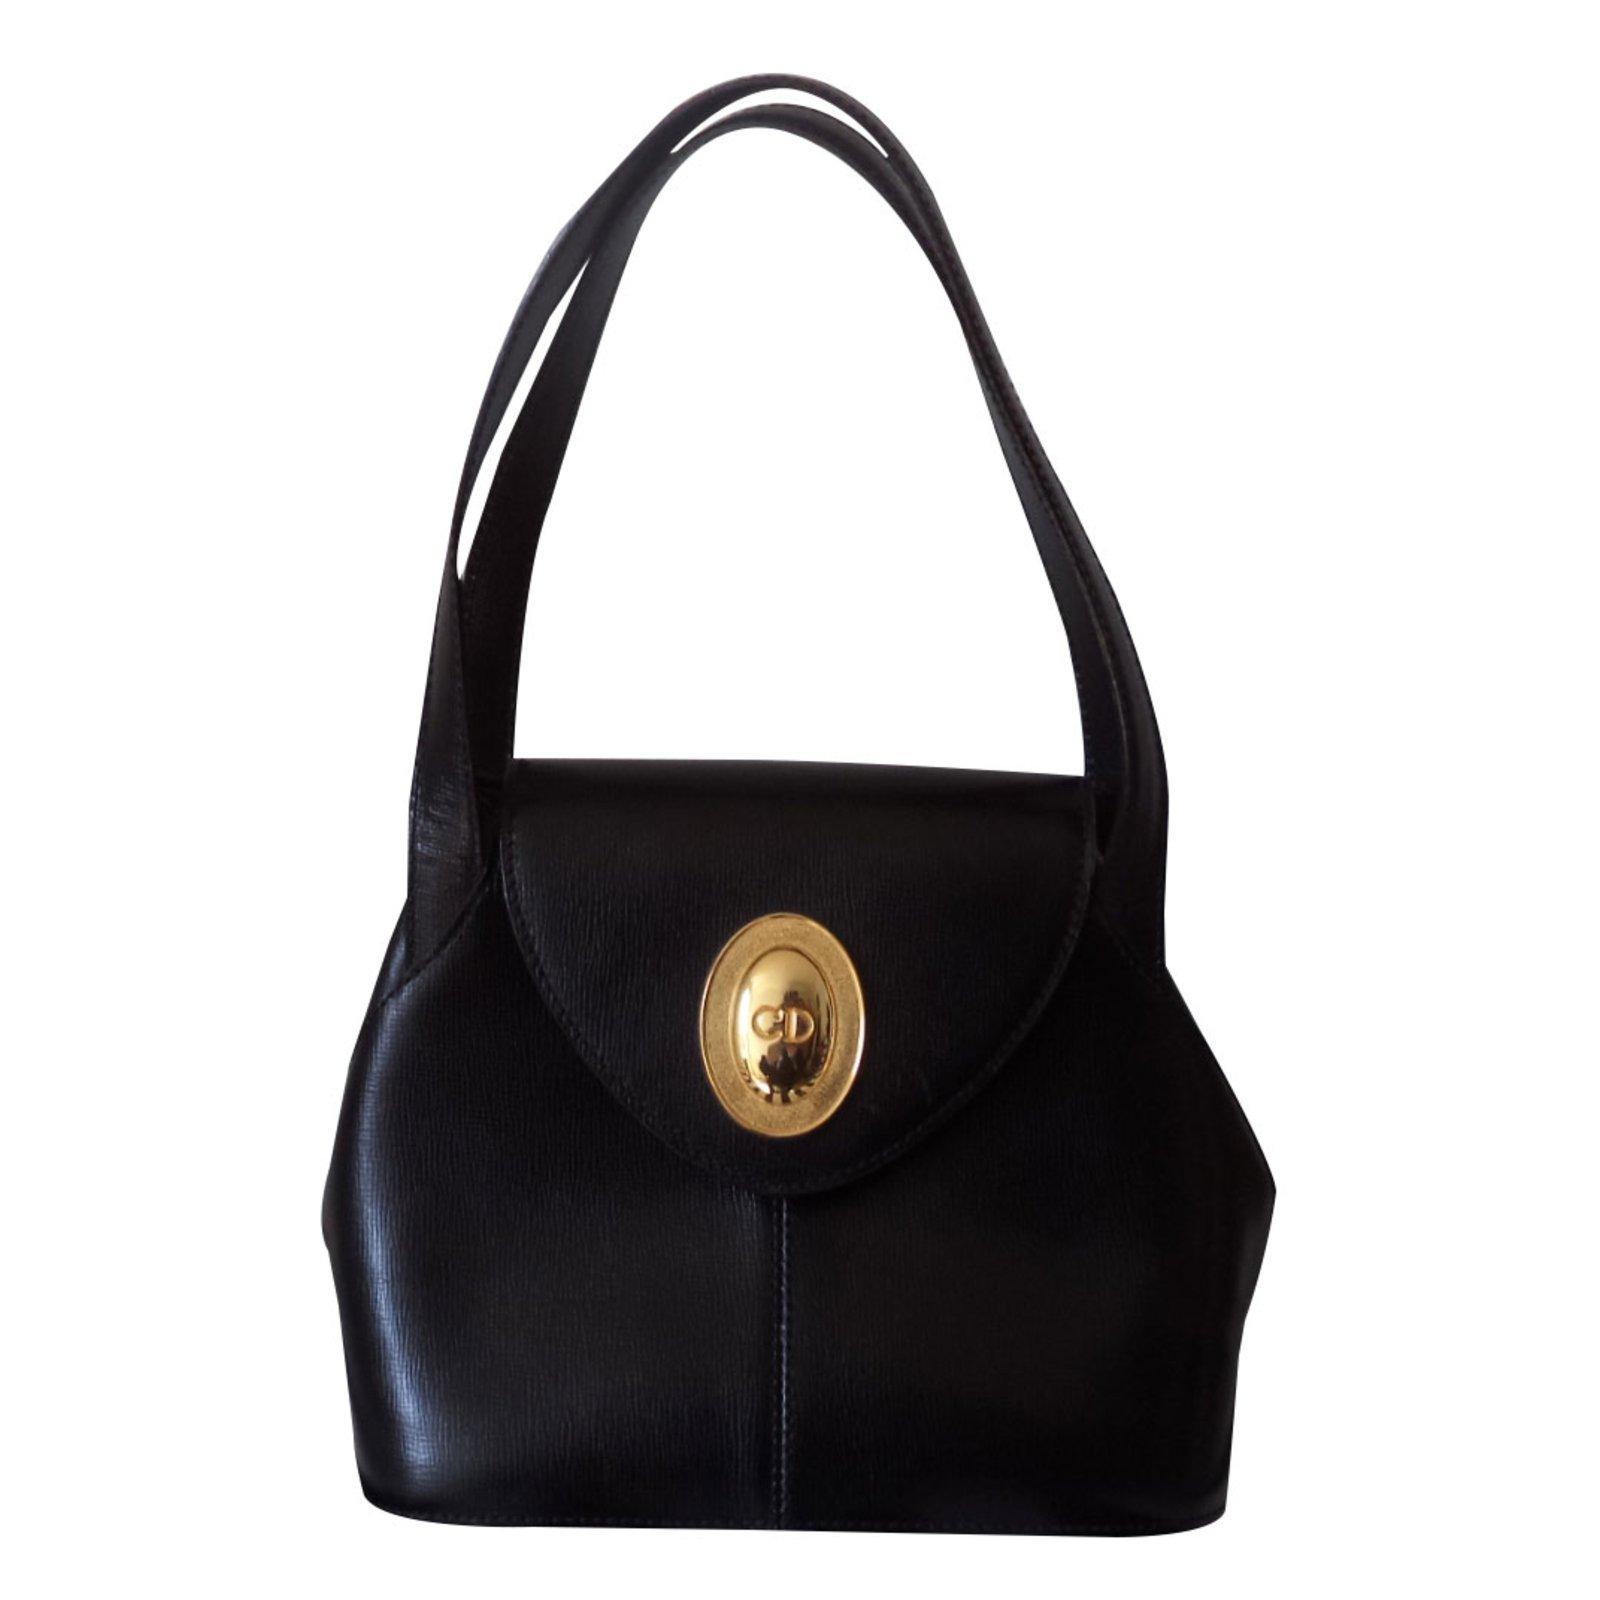 Sacs à main Christian Dior Sac à main cuir Cuir Noir ref.87724 ... 5bf797fc376